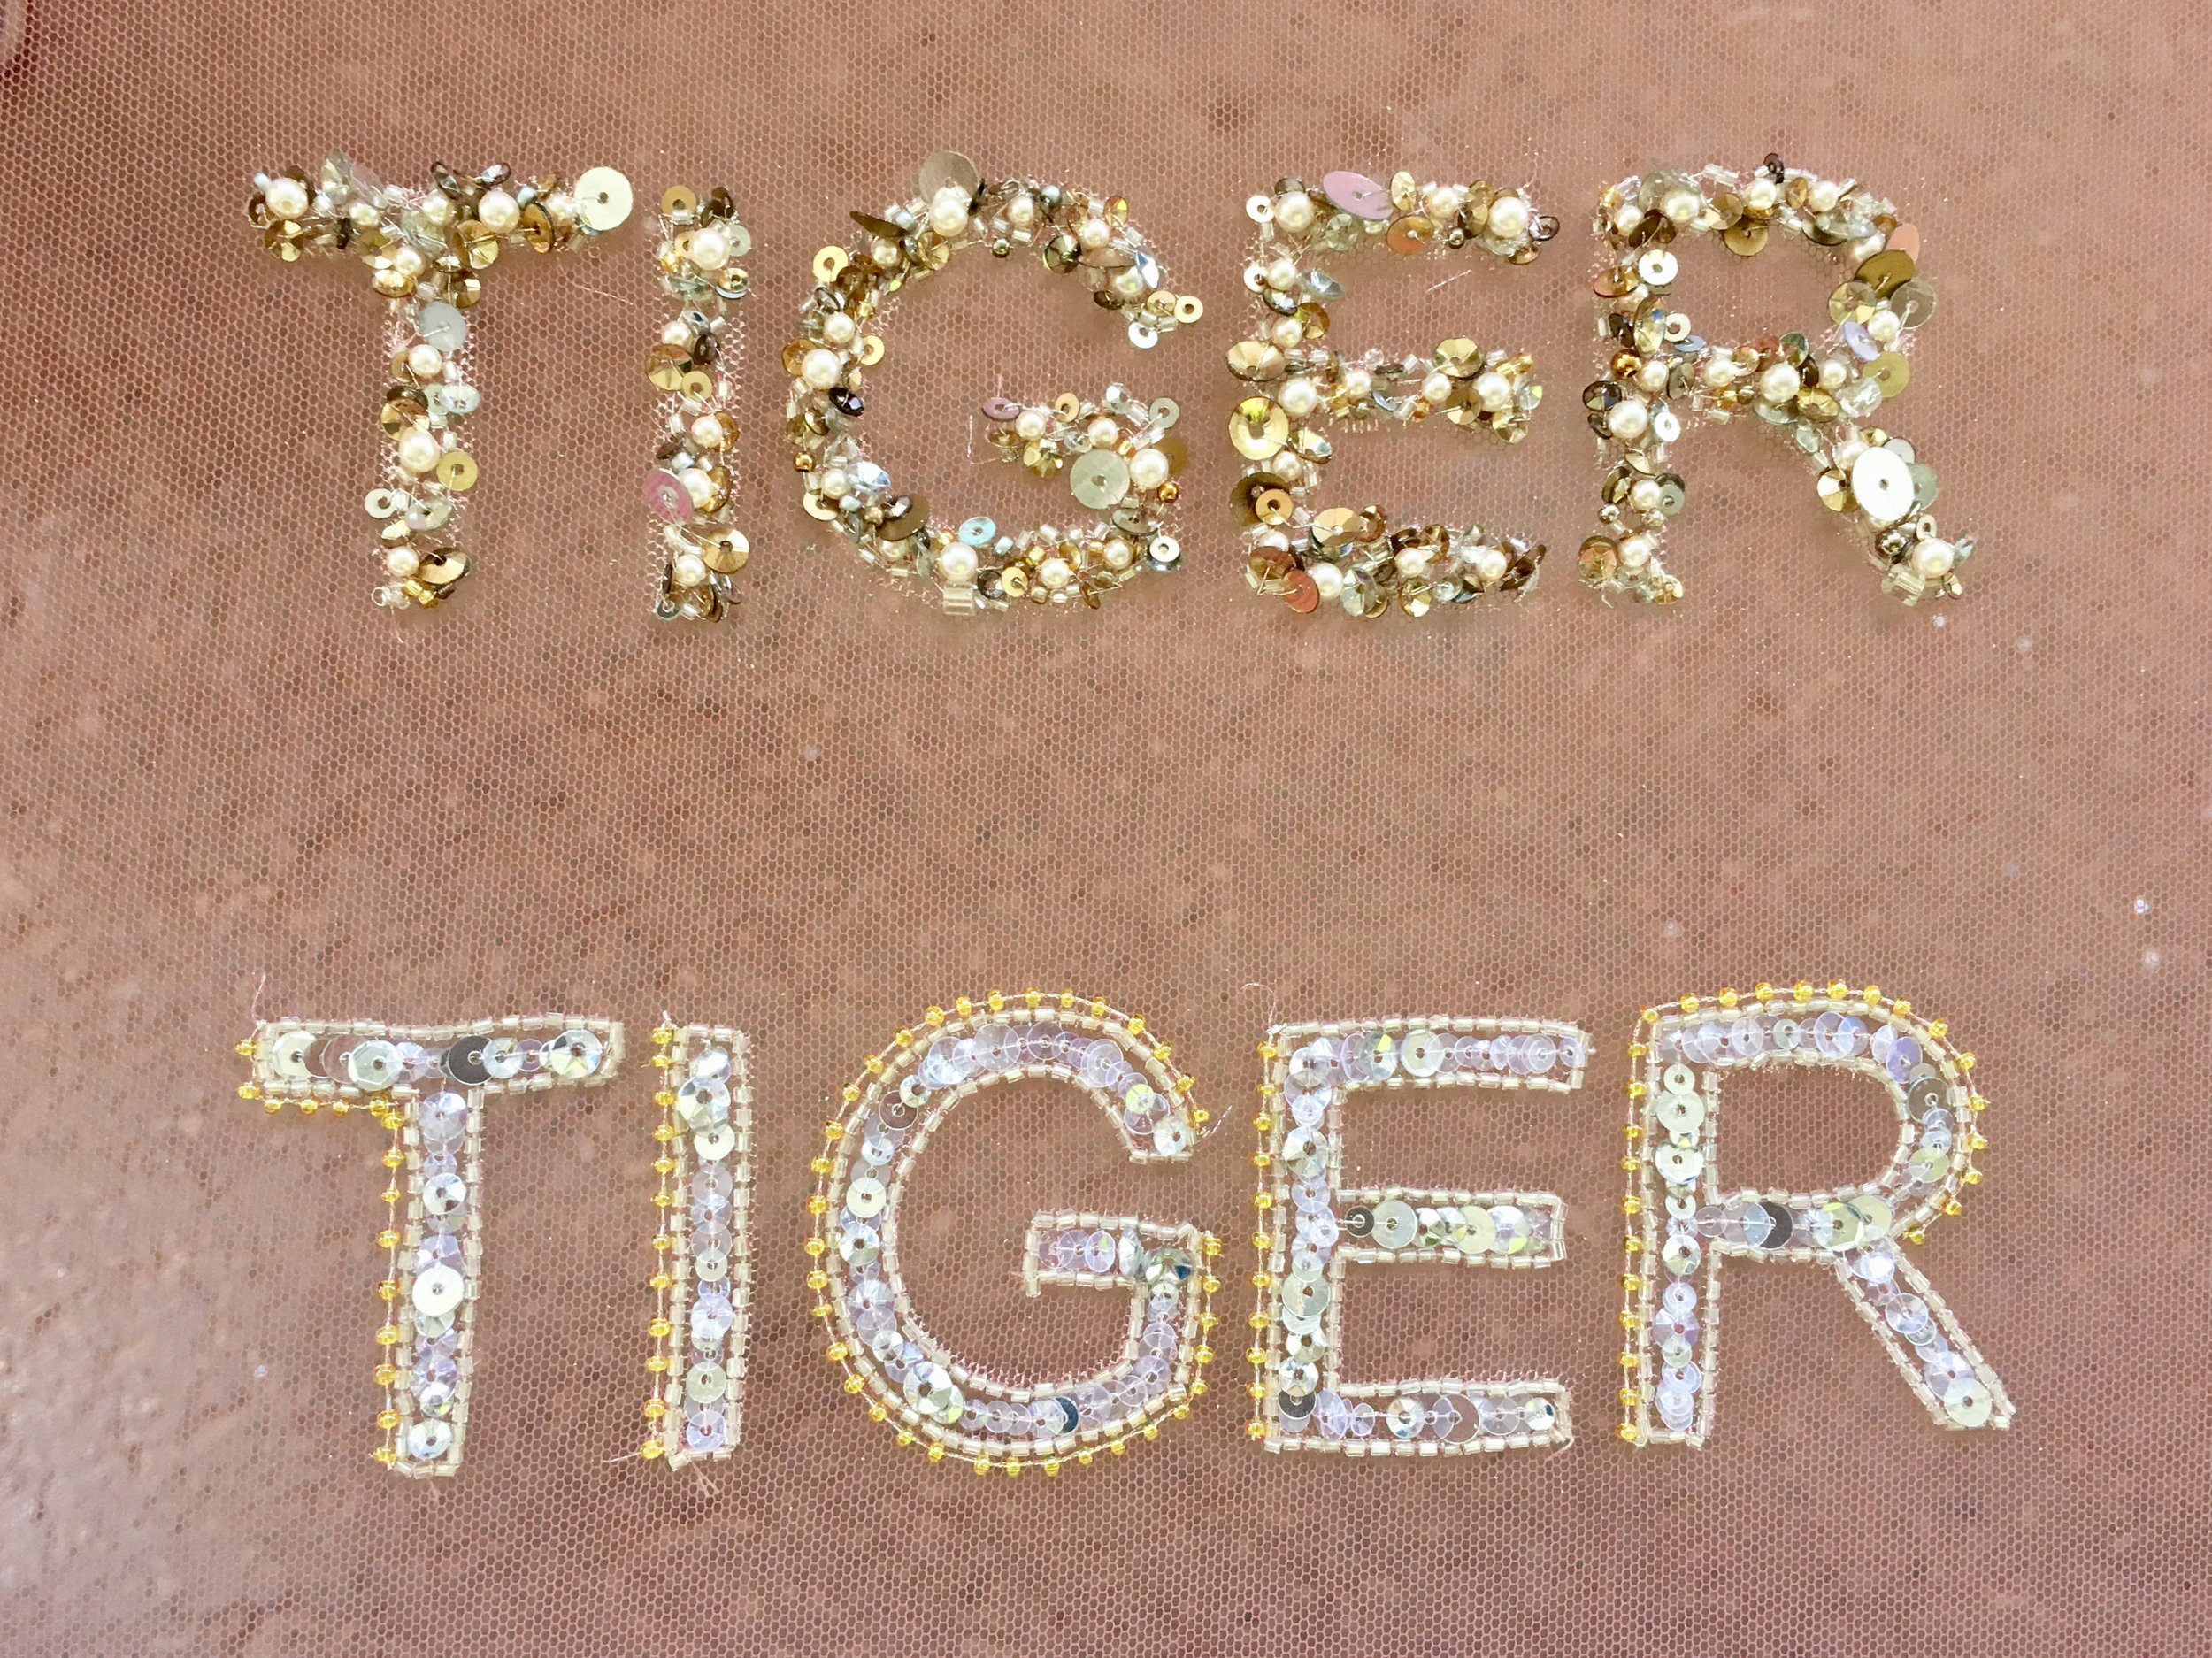 Tiger tiger burning bright